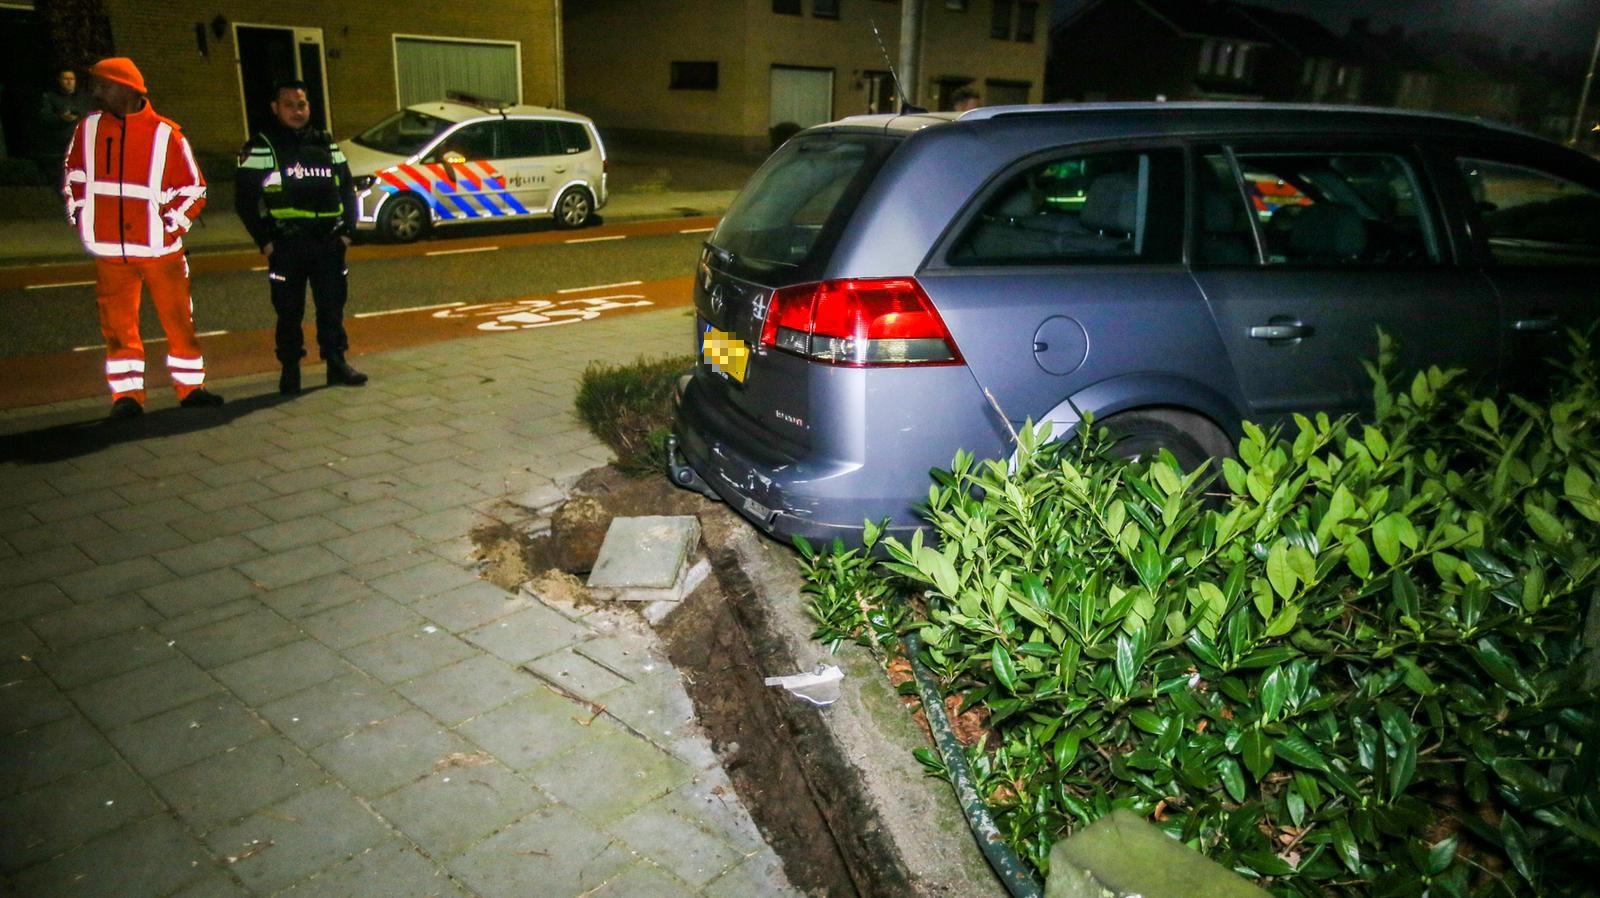 De vluchtauto werd 'geparkeerd' in de voortuin van iemand aan de Zeilbergsestraat in Deurne.